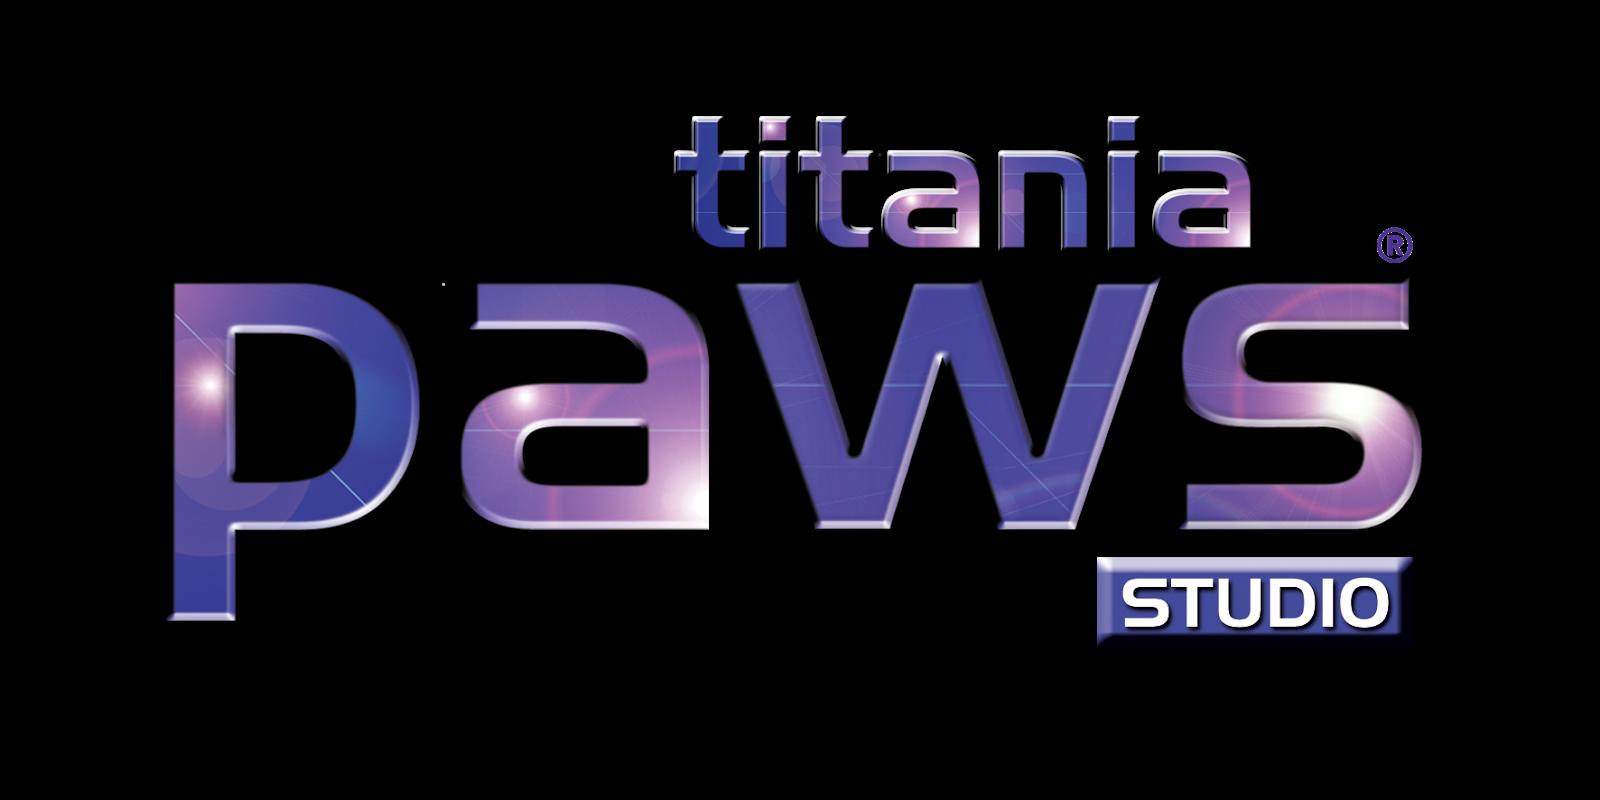 https://www.titania.com/pawsstudio